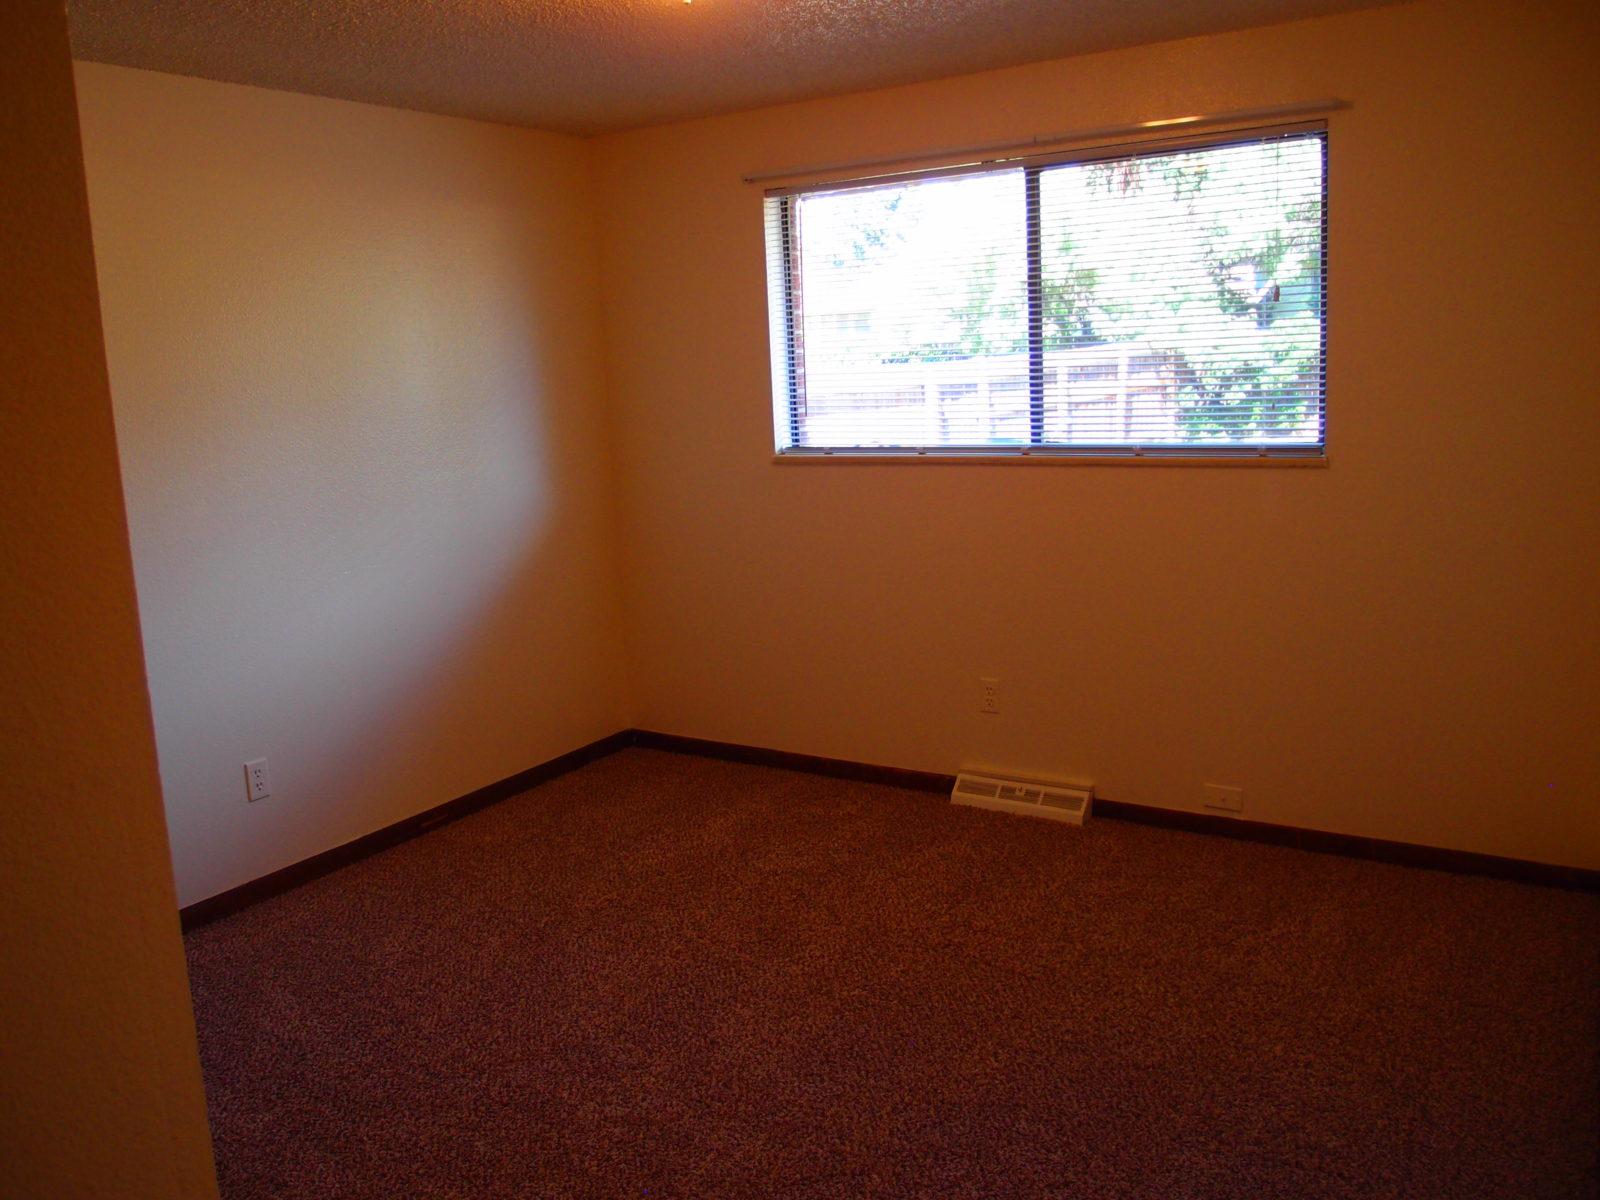 2166 Dexter: Bedroom 1